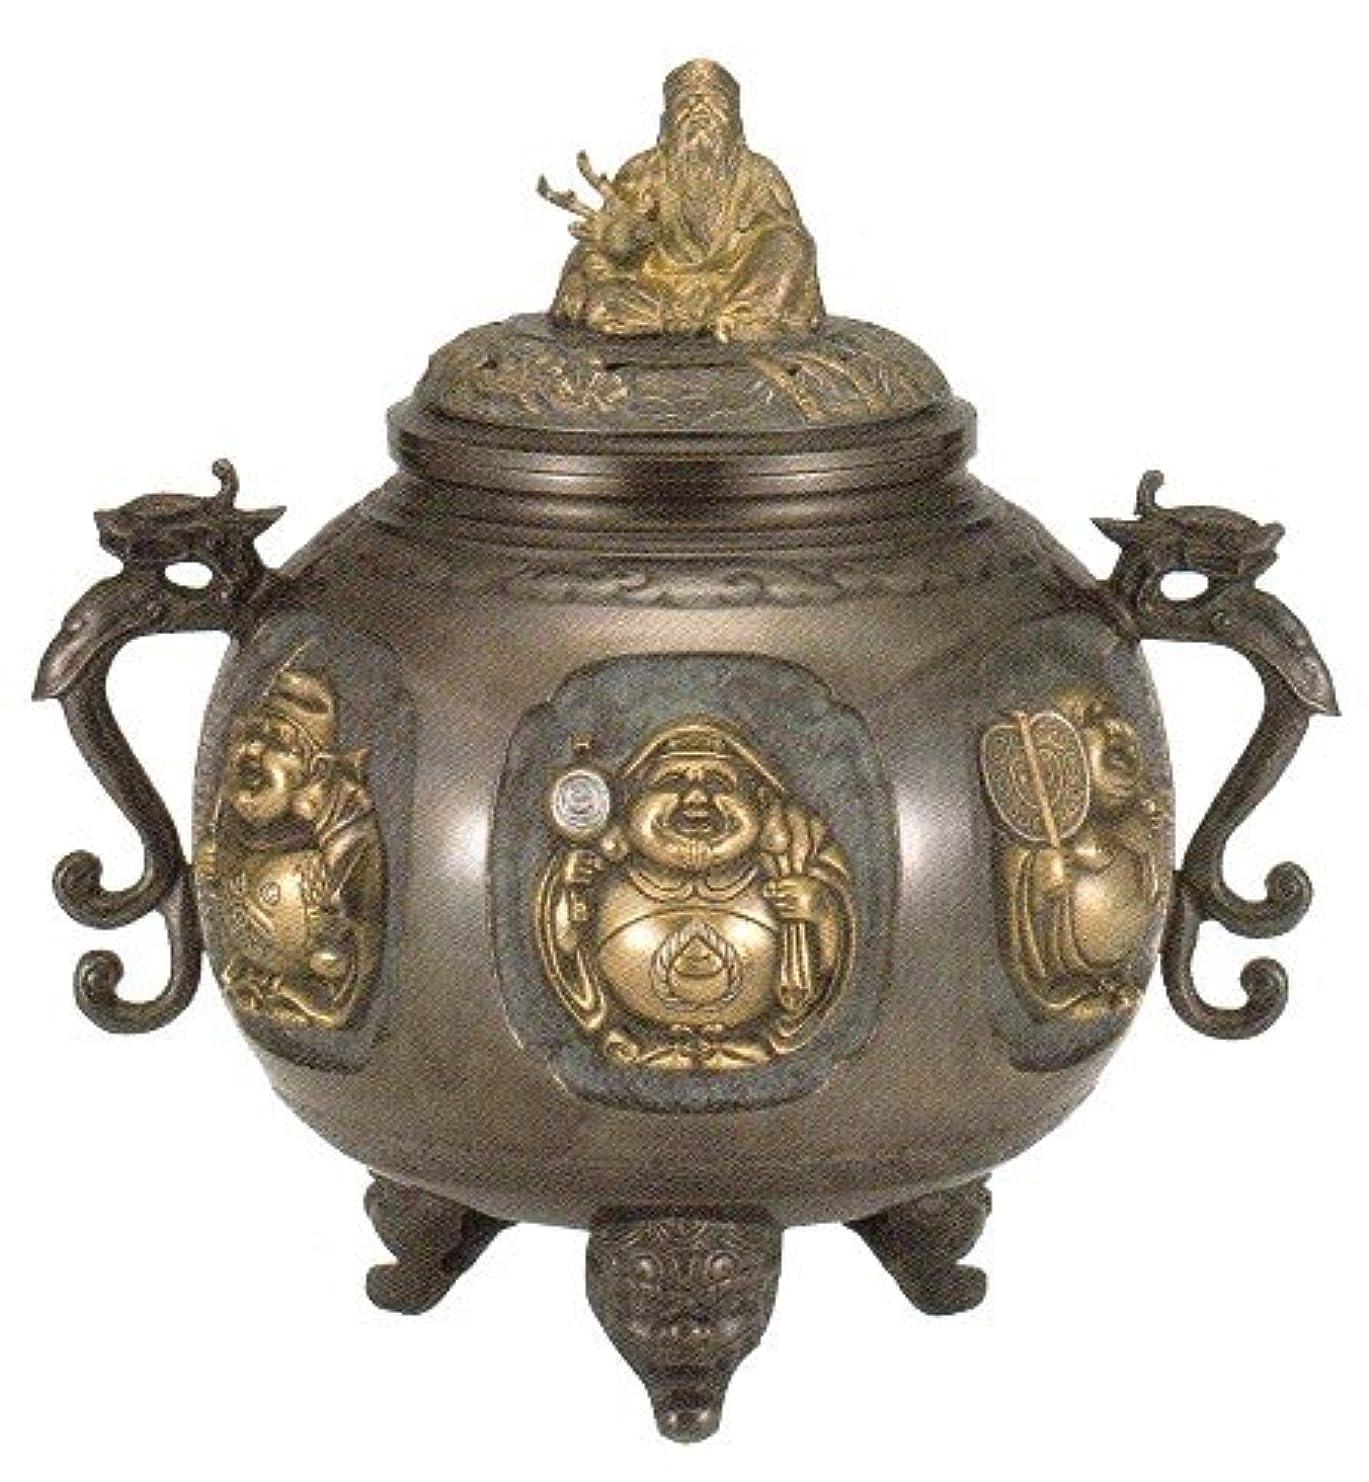 釈義余裕がある講堂香炉 特大 七福神(さしメッキ)高岡銅器 青銅製 高さ31×幅30×奥行24.5cm